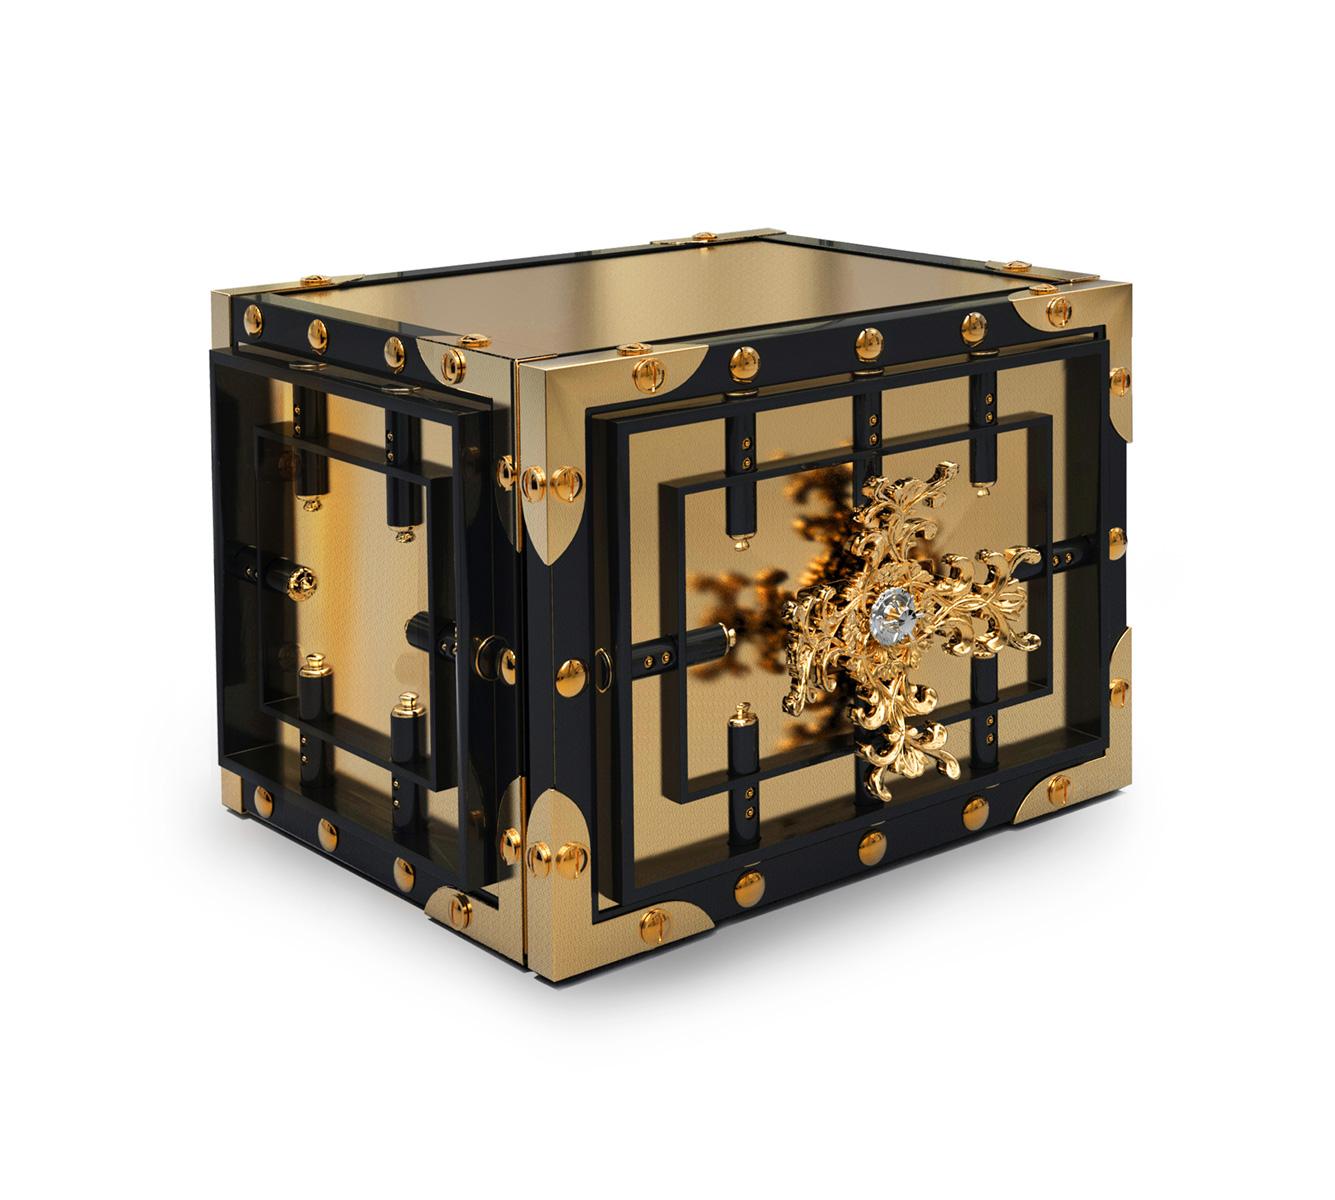 Top 5 Weihnachtsgeschenke für Designfans Weihnachtsgeschenke Top 5 Weihnachtsgeschenke für Designfans knox watch winder zoom